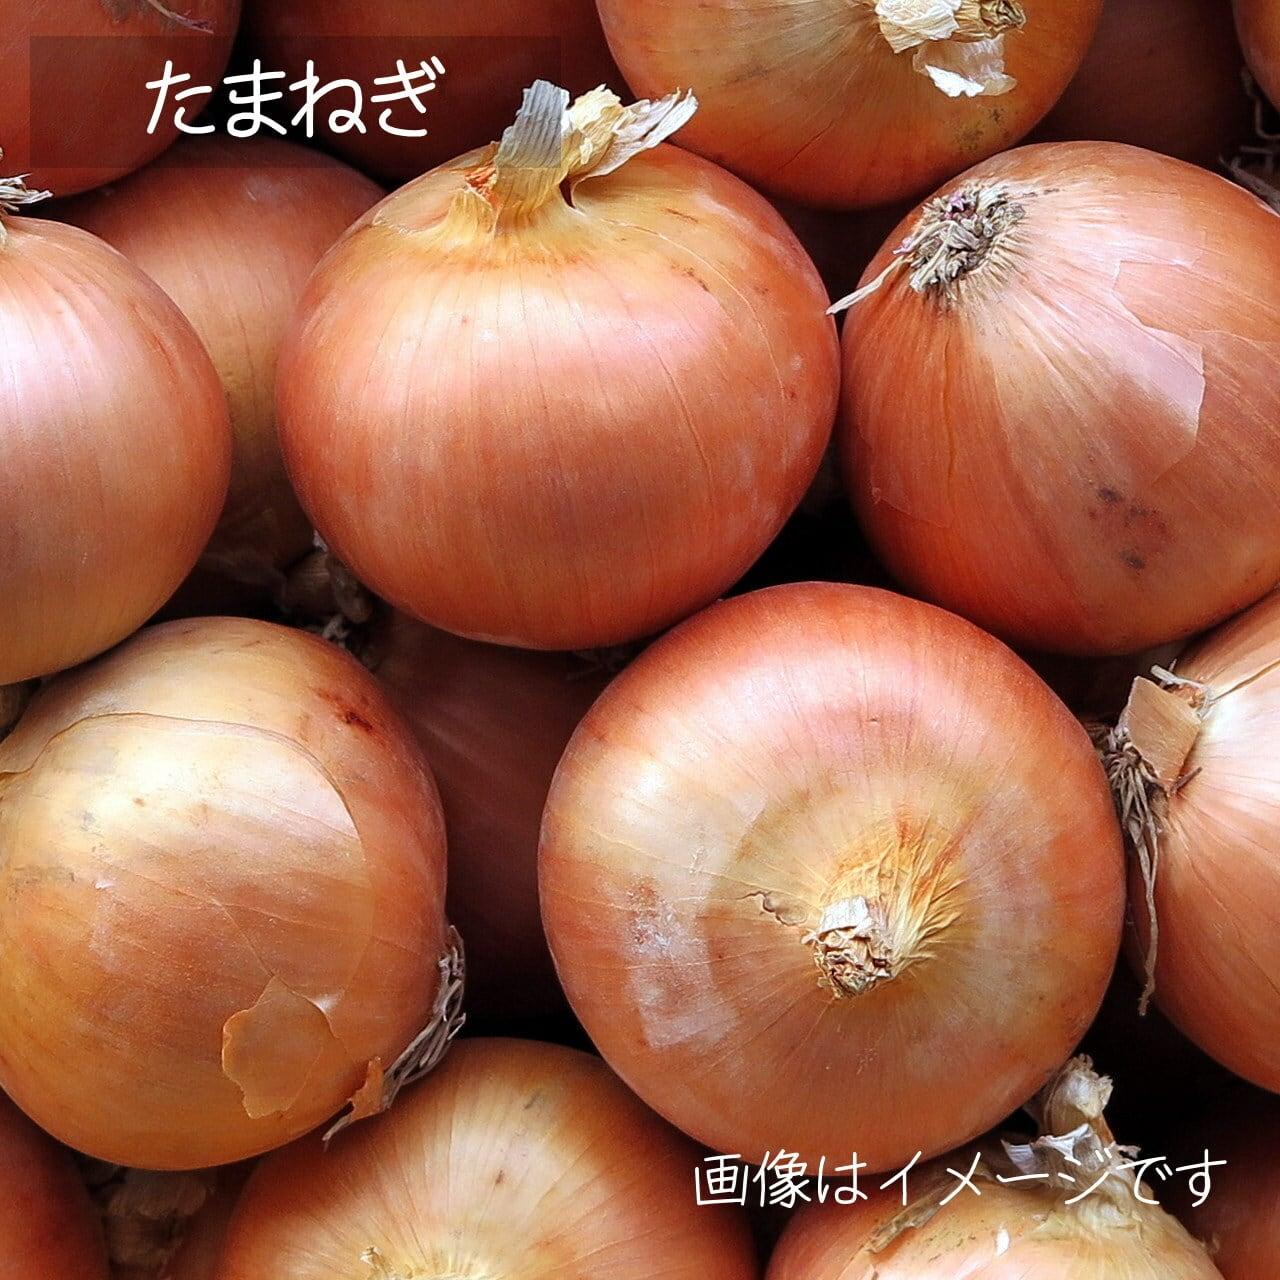 新鮮な秋野菜 : たまねぎ 約3~4個 11月の朝採り直売野菜 11月7日発送予定